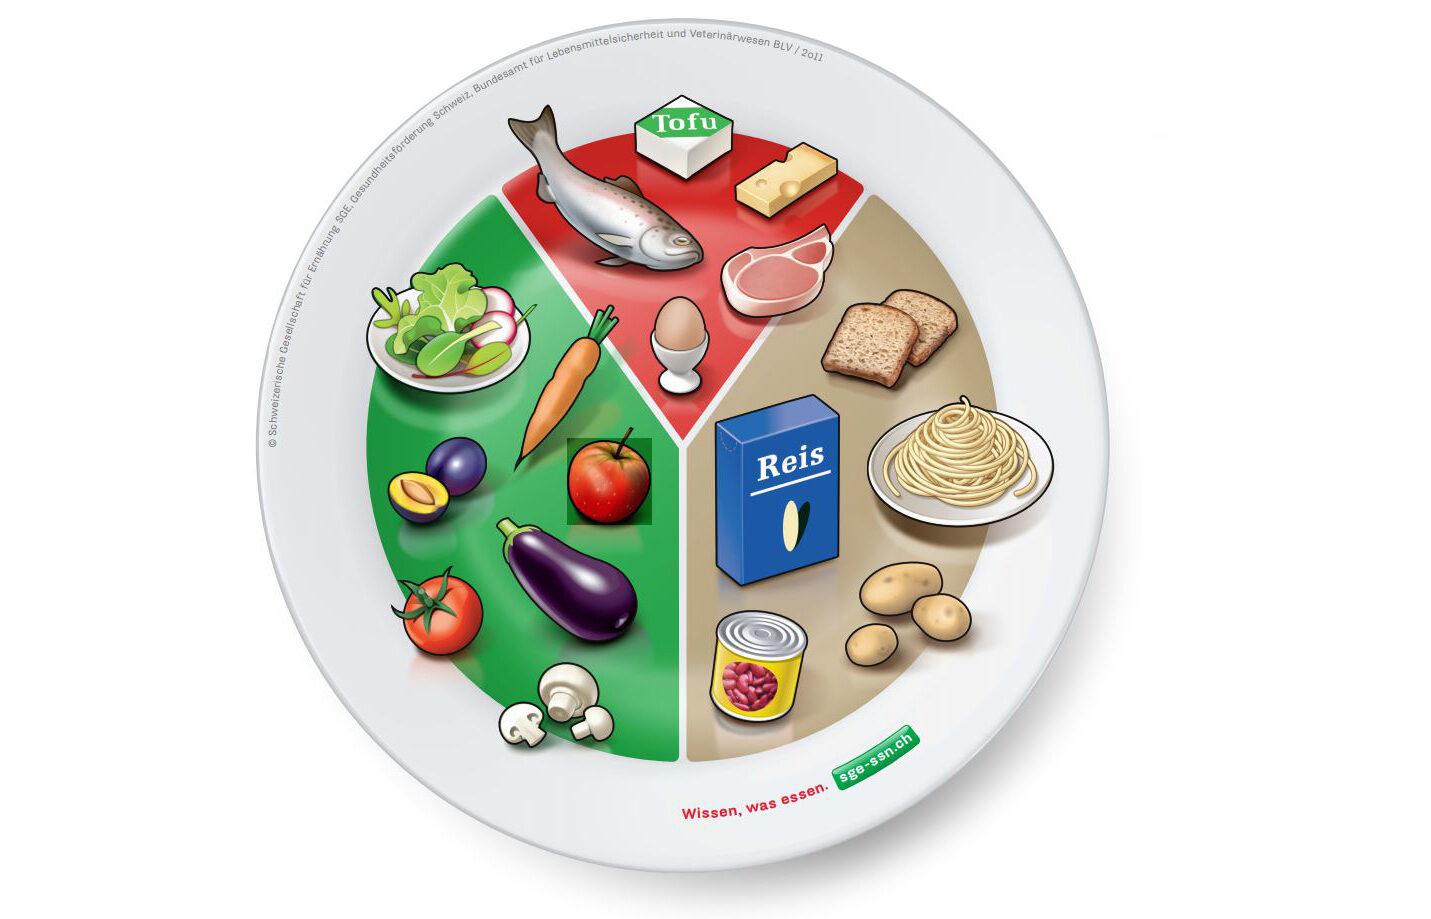 Tellermodell der Schweizerischen Gesellschaft für Ernährung